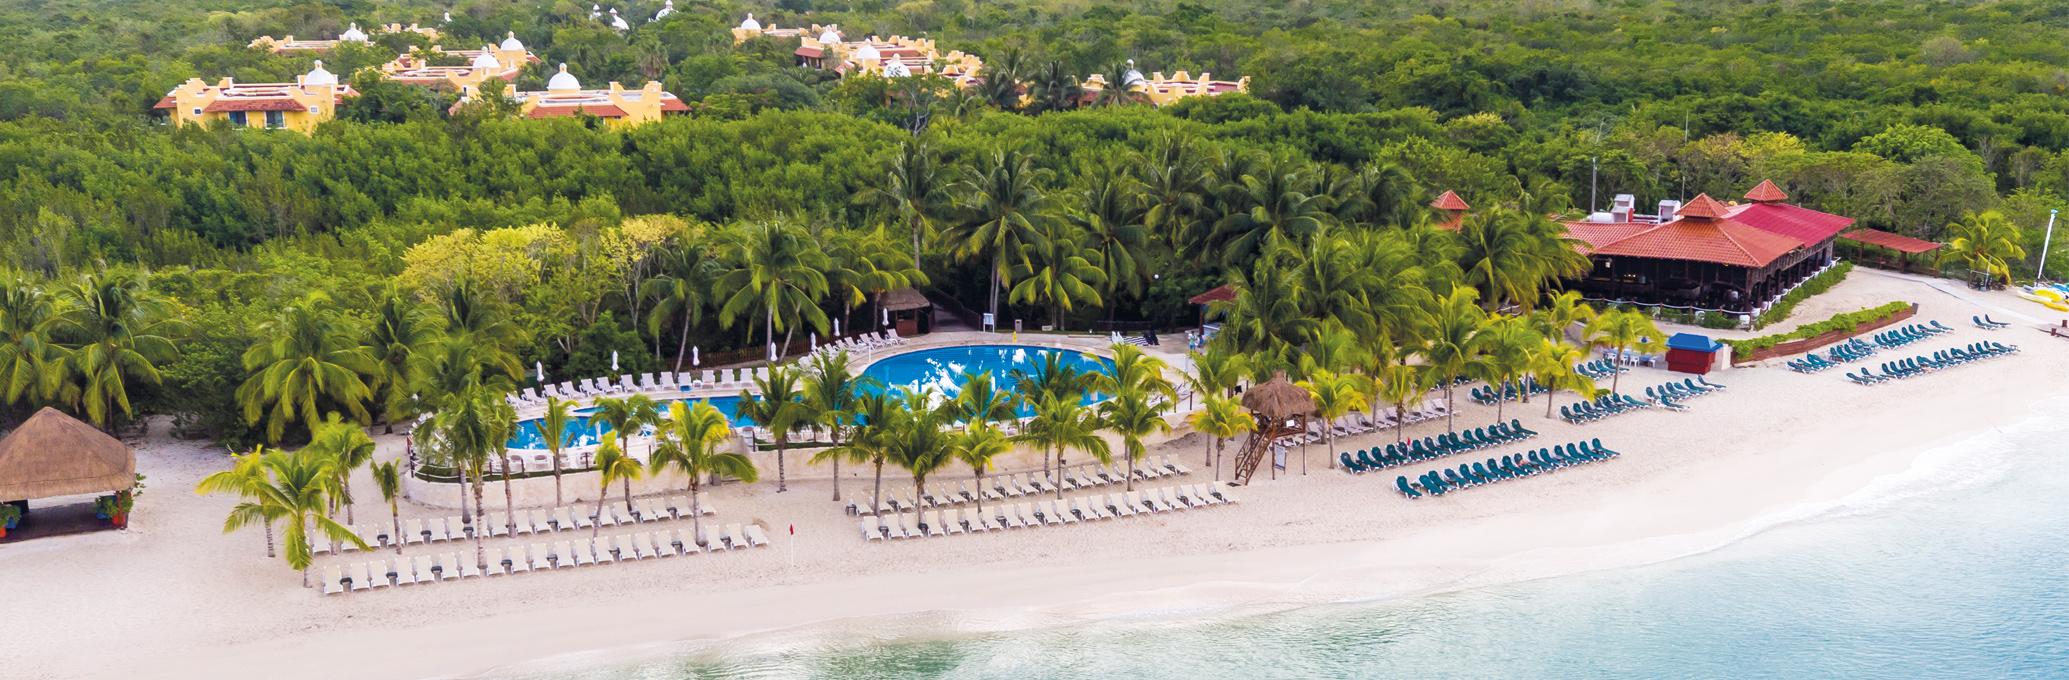 Cozumel hotels: Occidental Cozumel